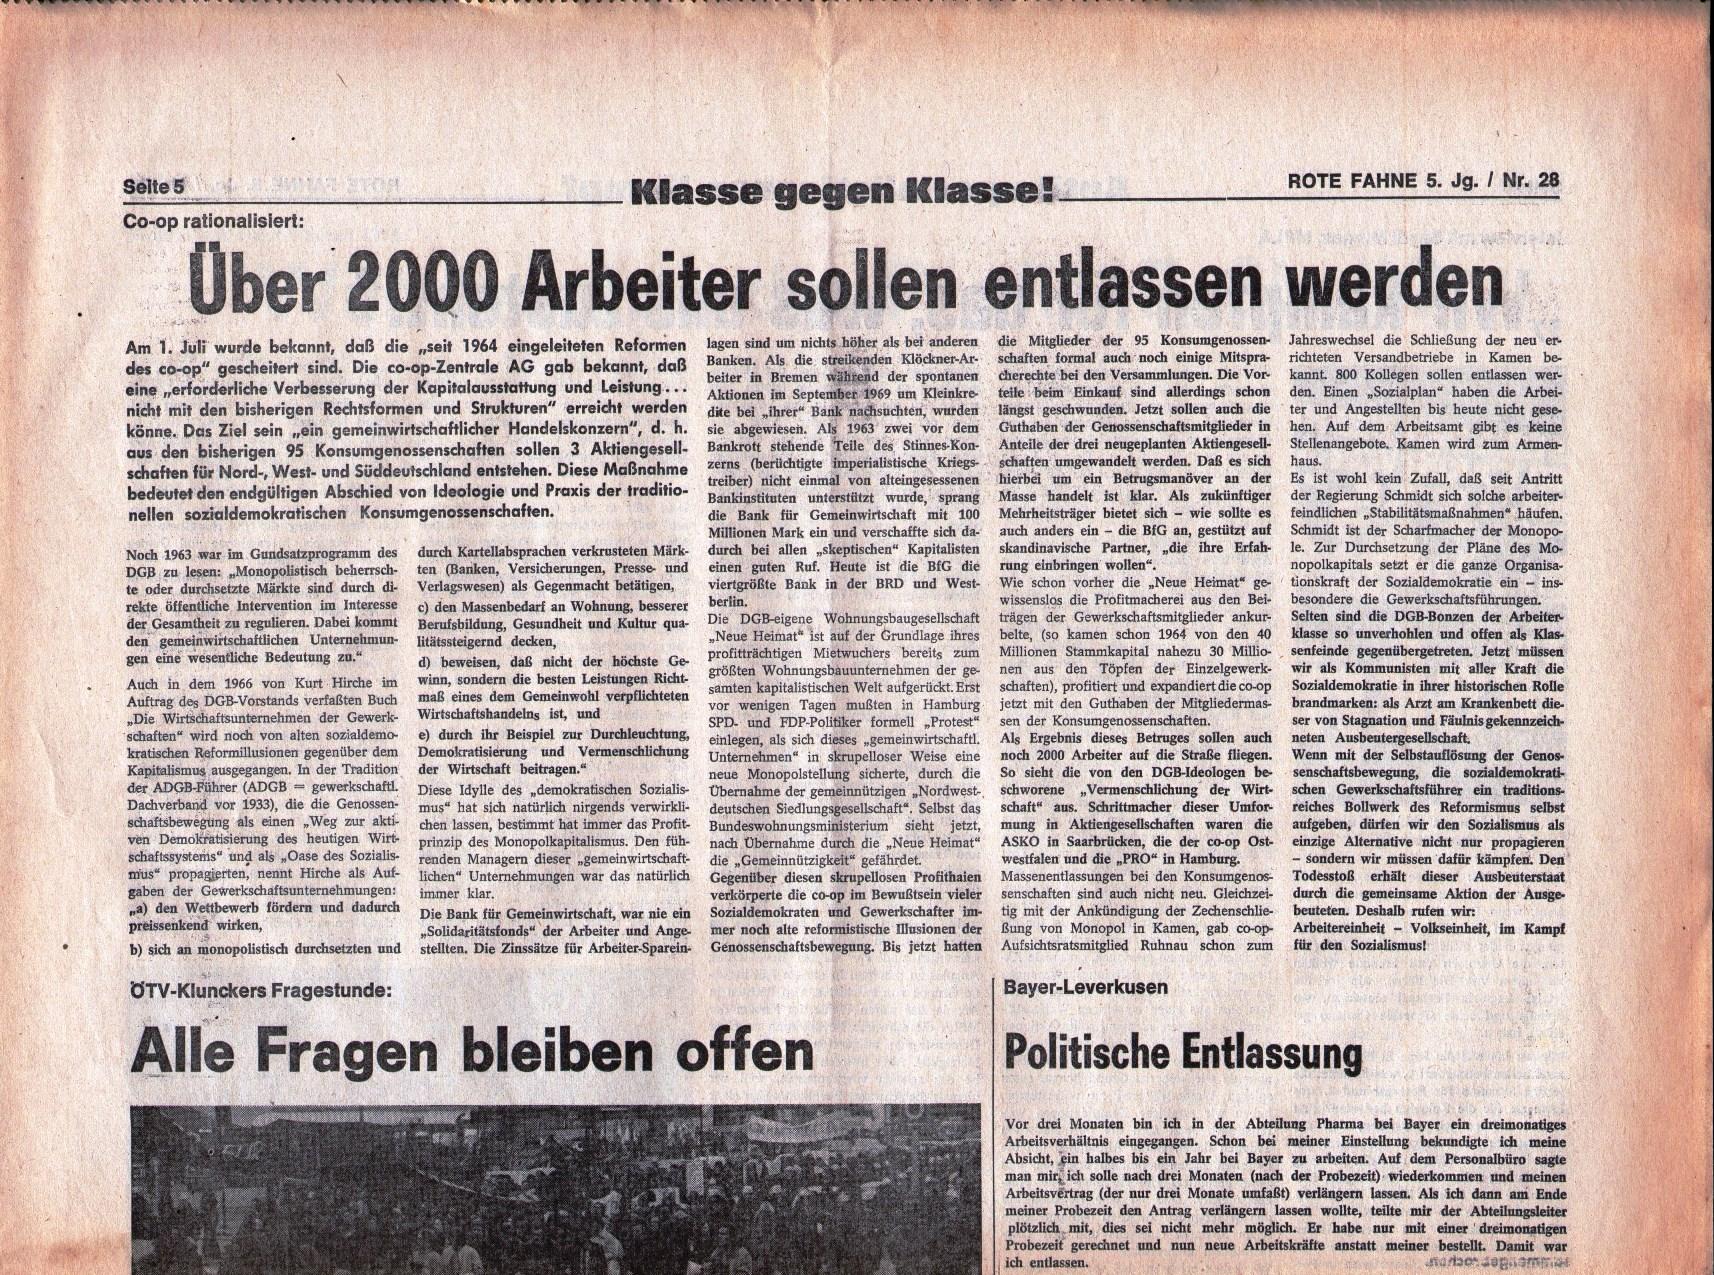 KPD_Rote_Fahne_1974_28_09